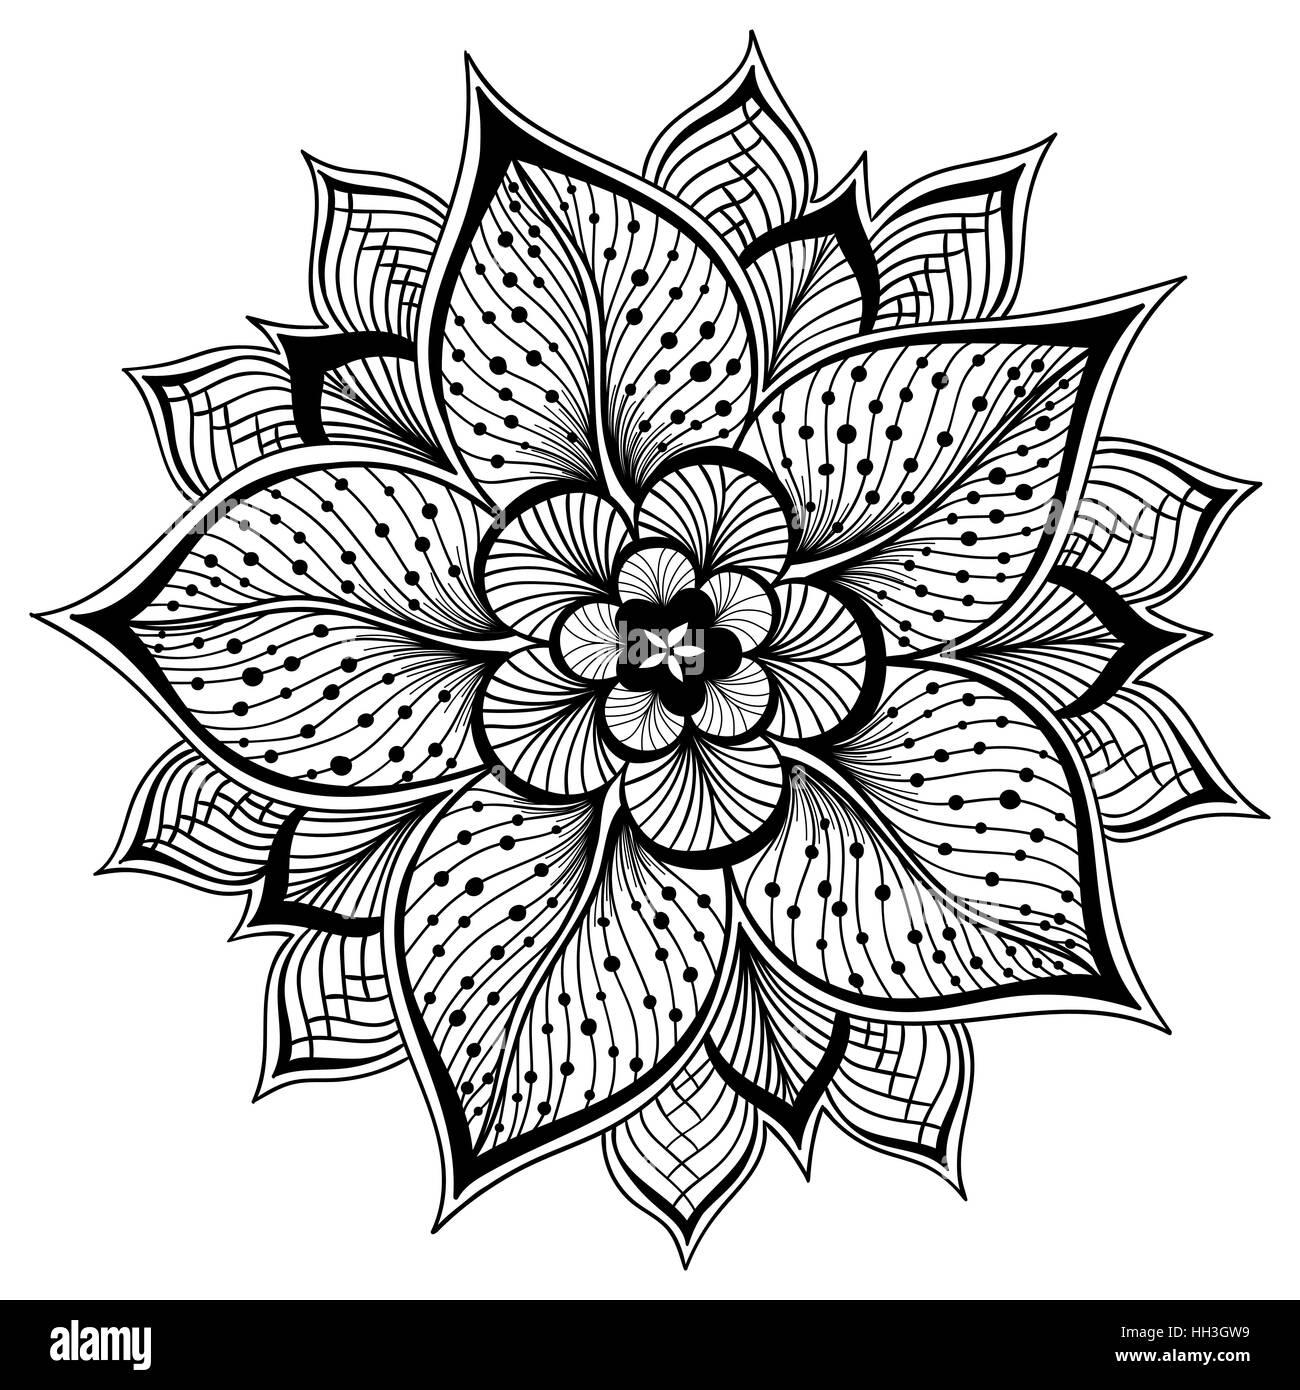 Ilustración vectorial de contorno Mandala para colorear. Ronda de ...